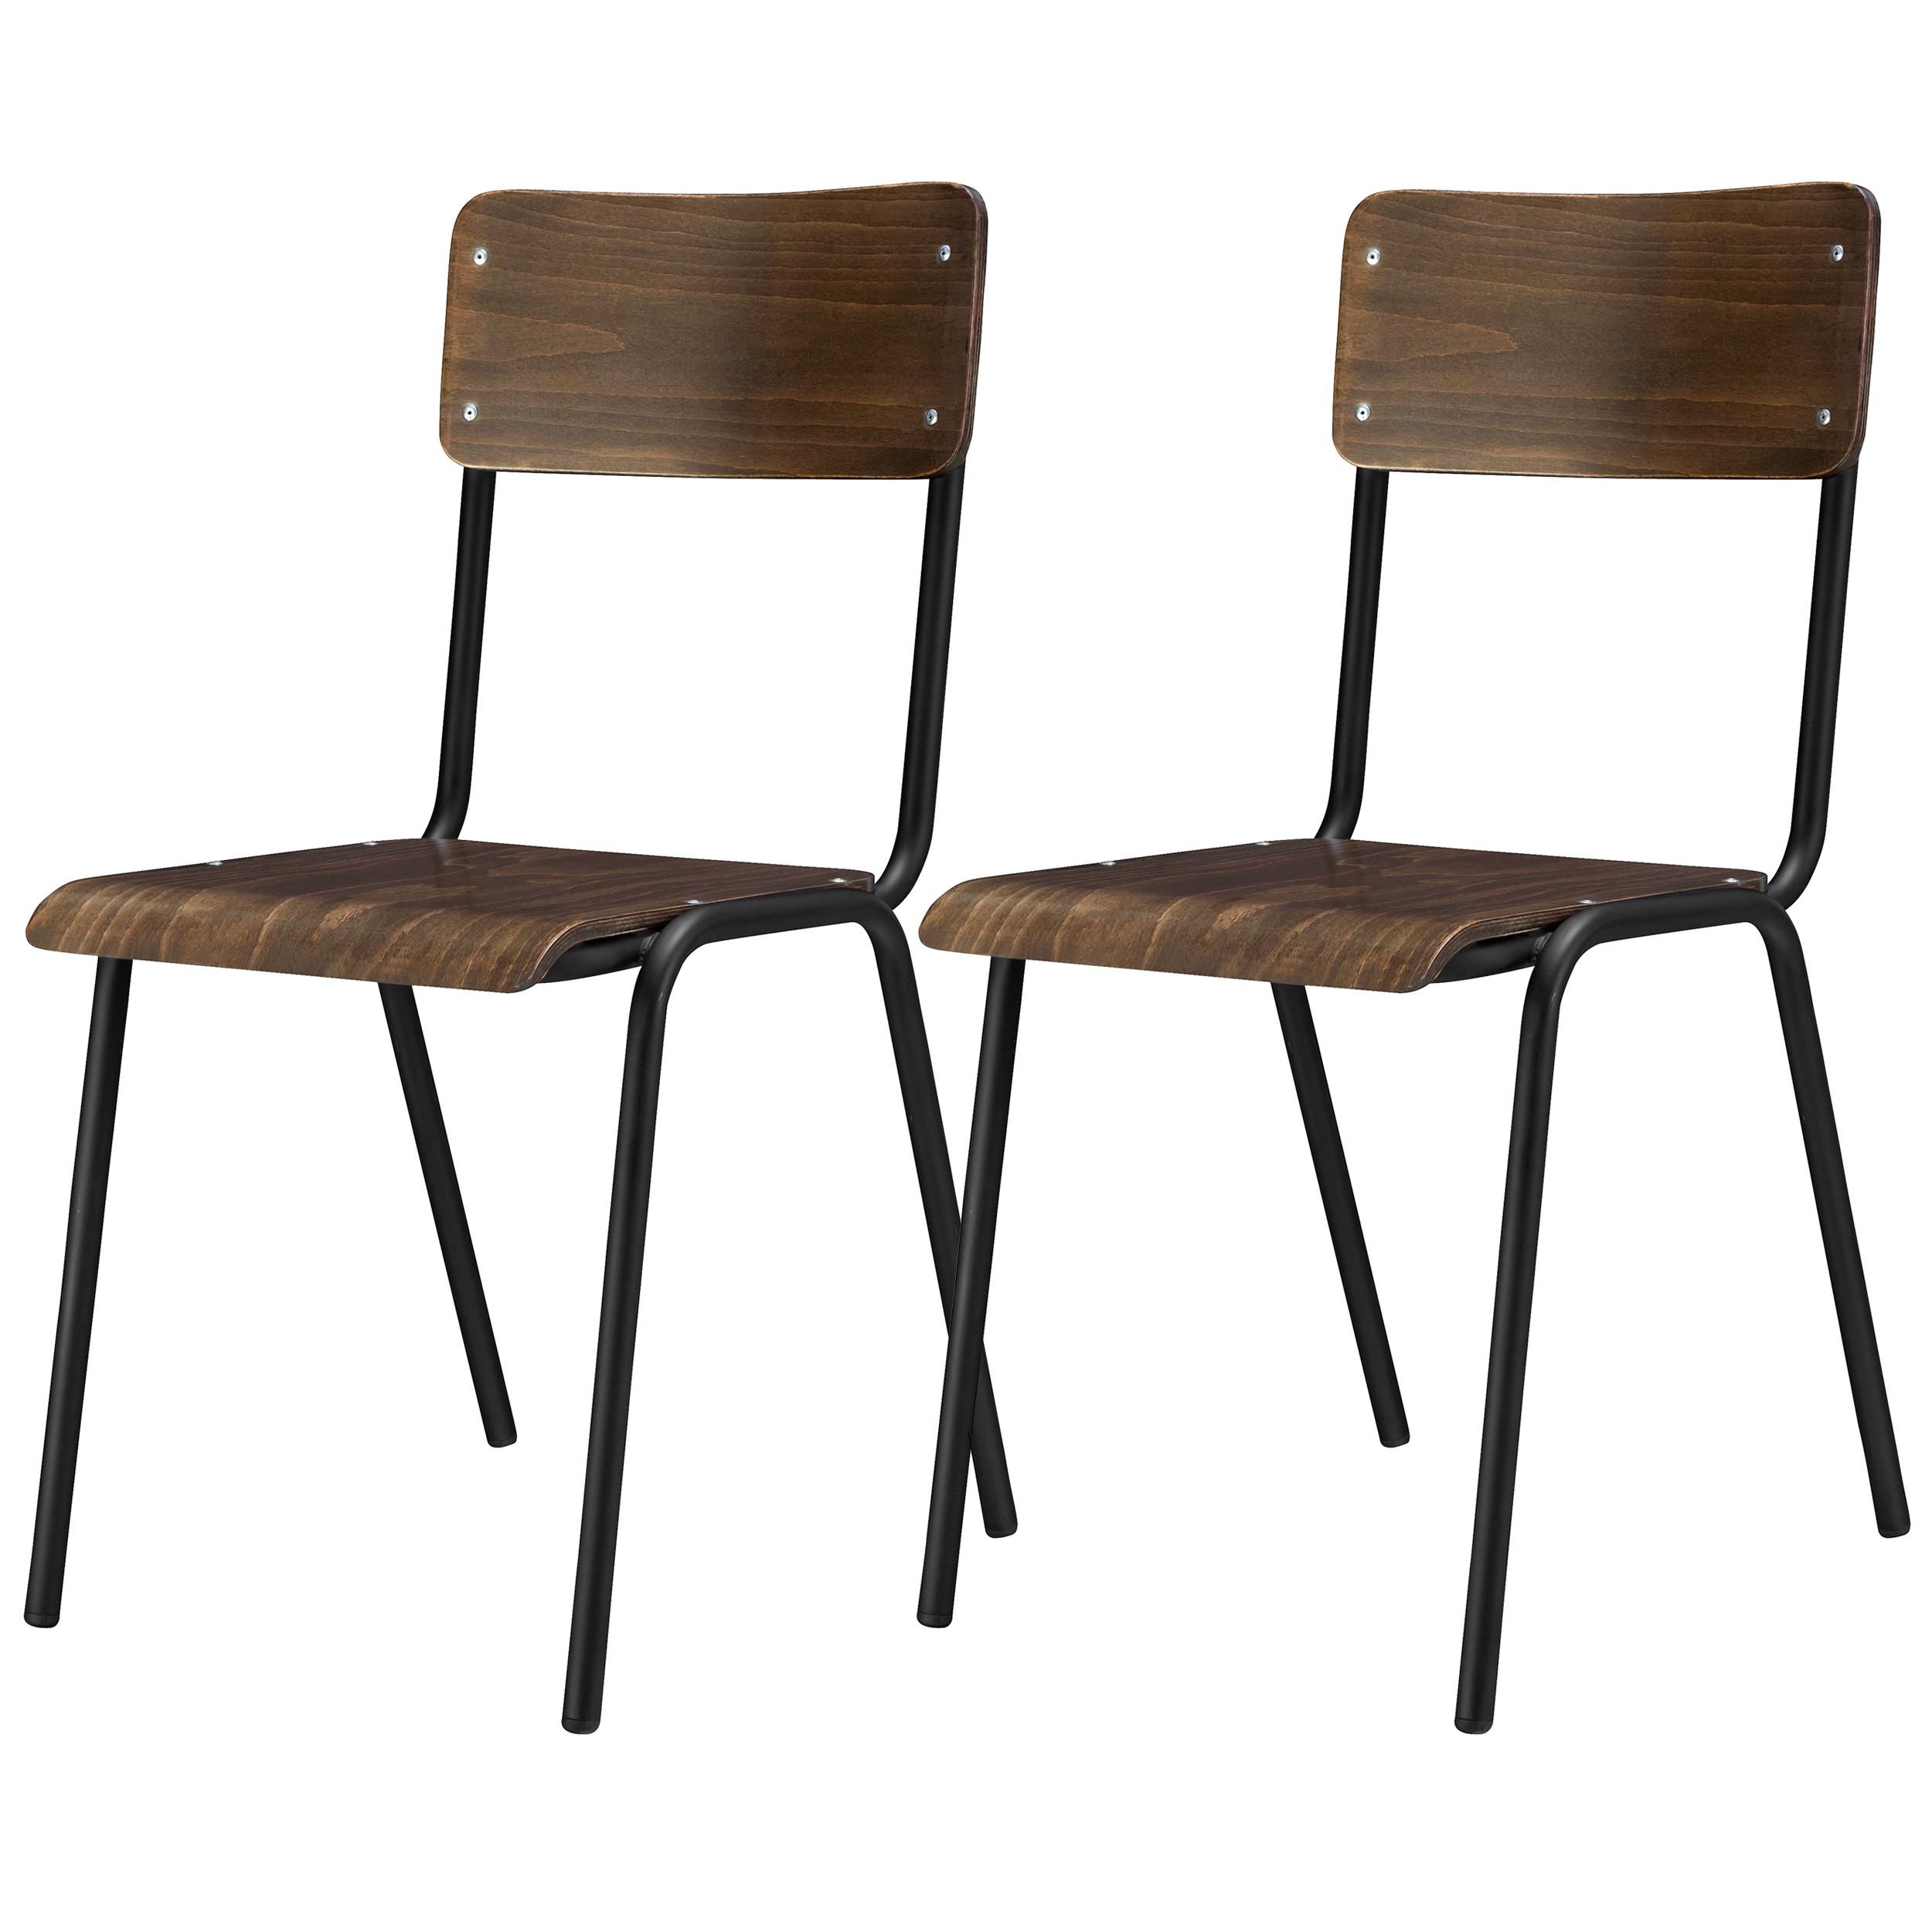 Chaise Bois Et Metal Industriel chaise d'écolier velrans en bois (lot de 2)